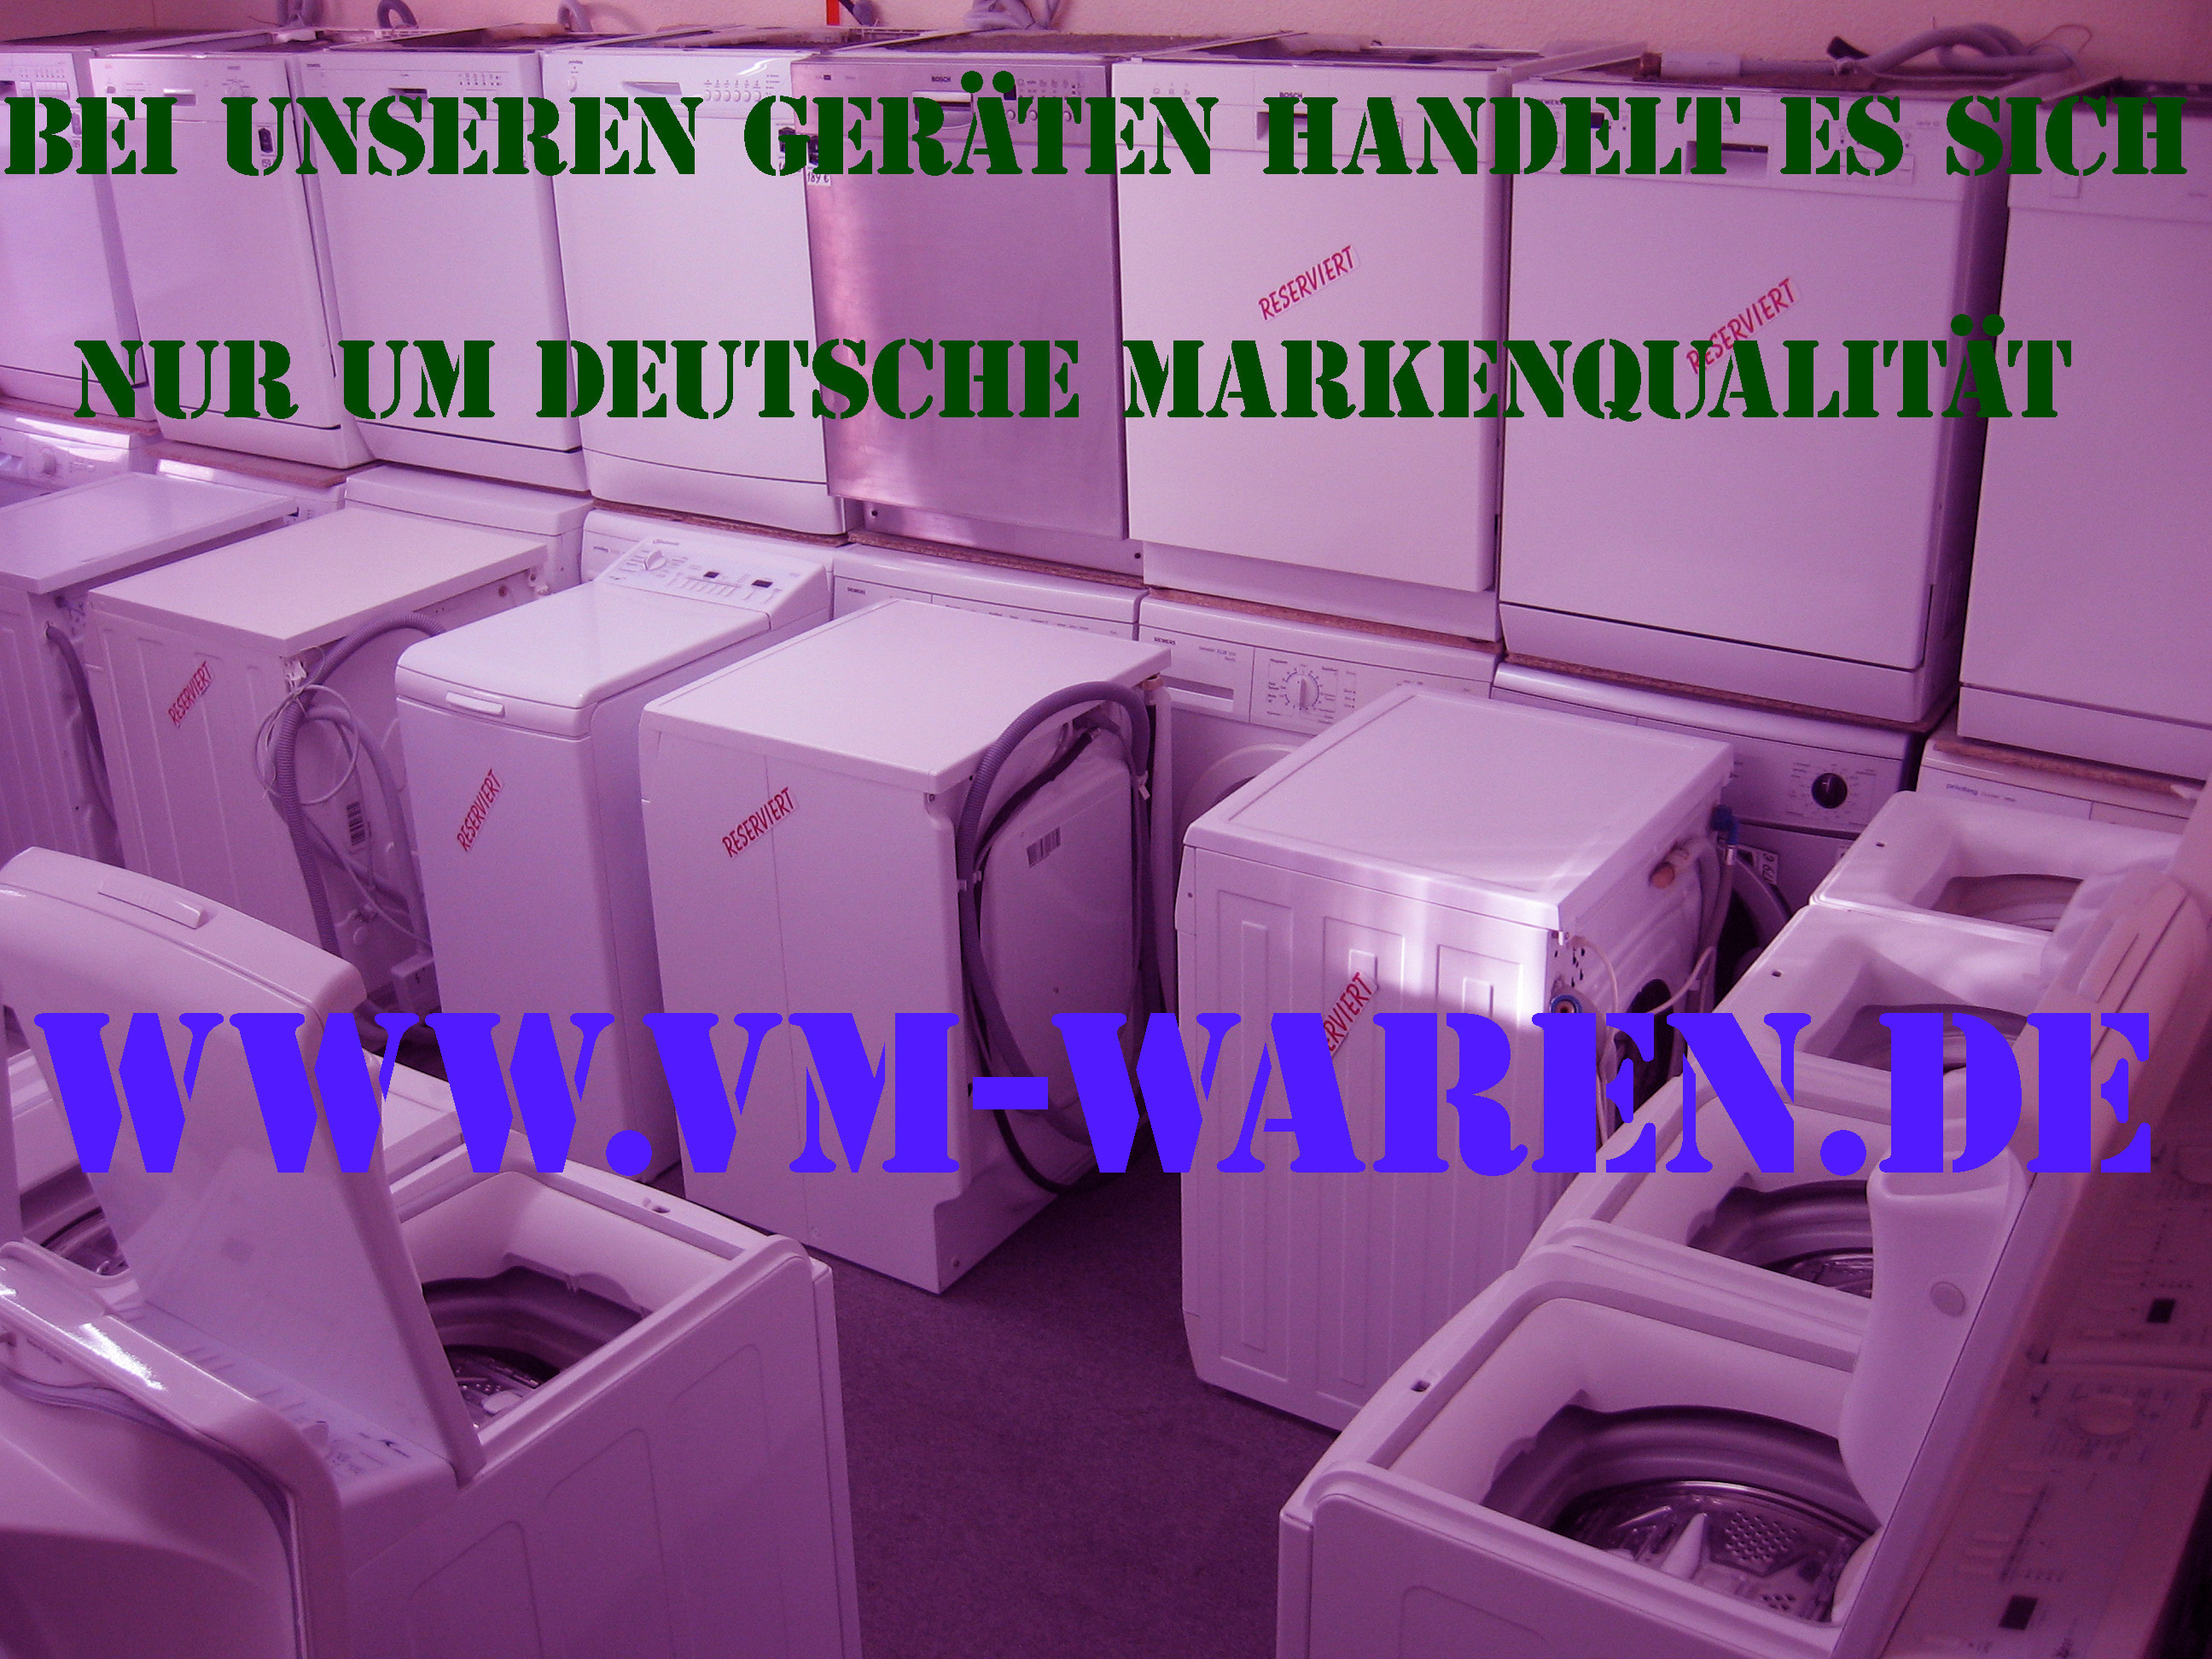 Gebrauchte waschmaschinen kühlschränke herde spüler in rosendahl